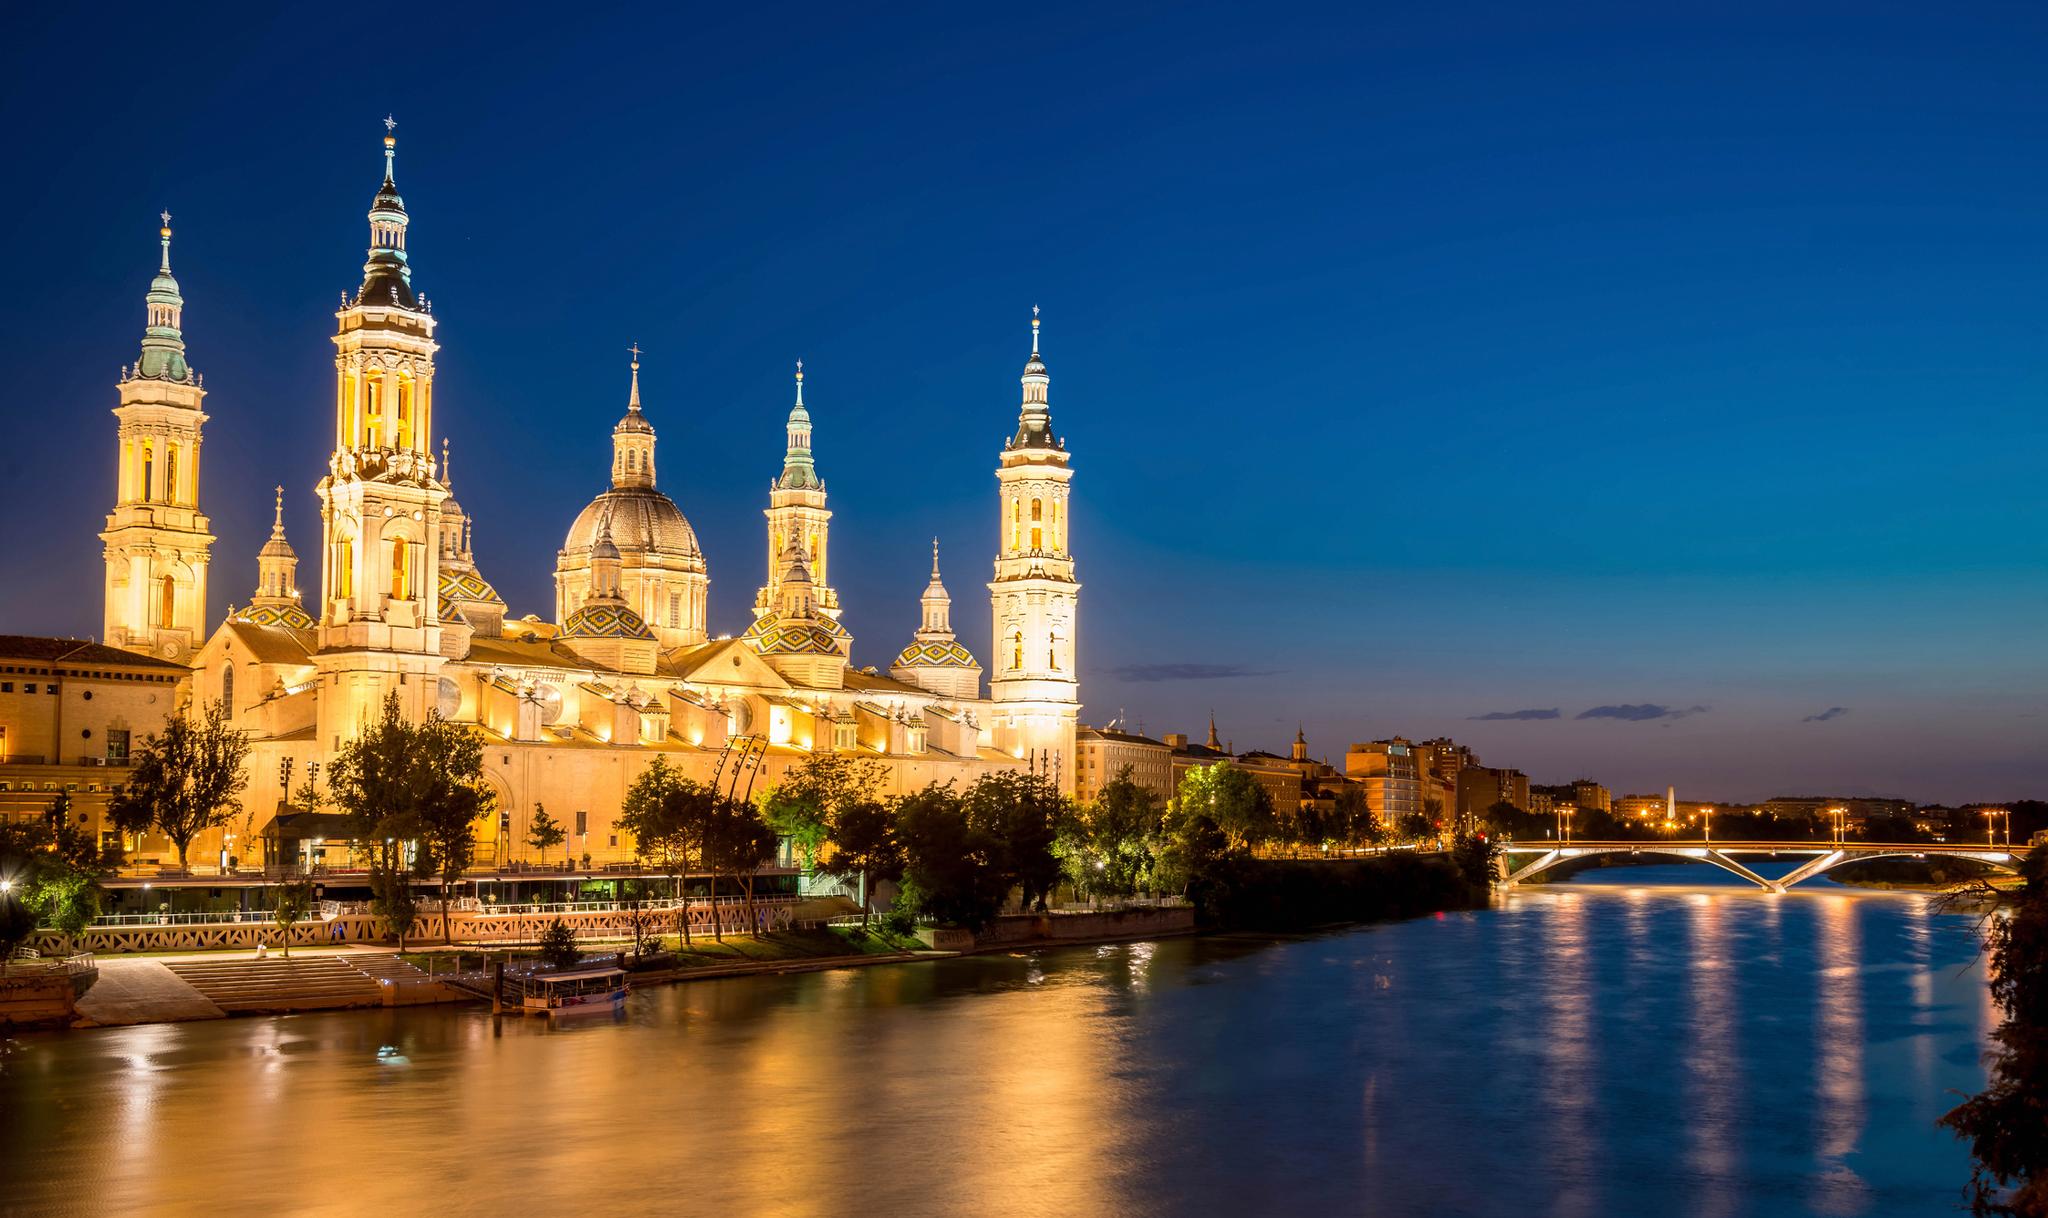 Qué ver en Zaragoza - Atardecer desde el Puente de Piedra